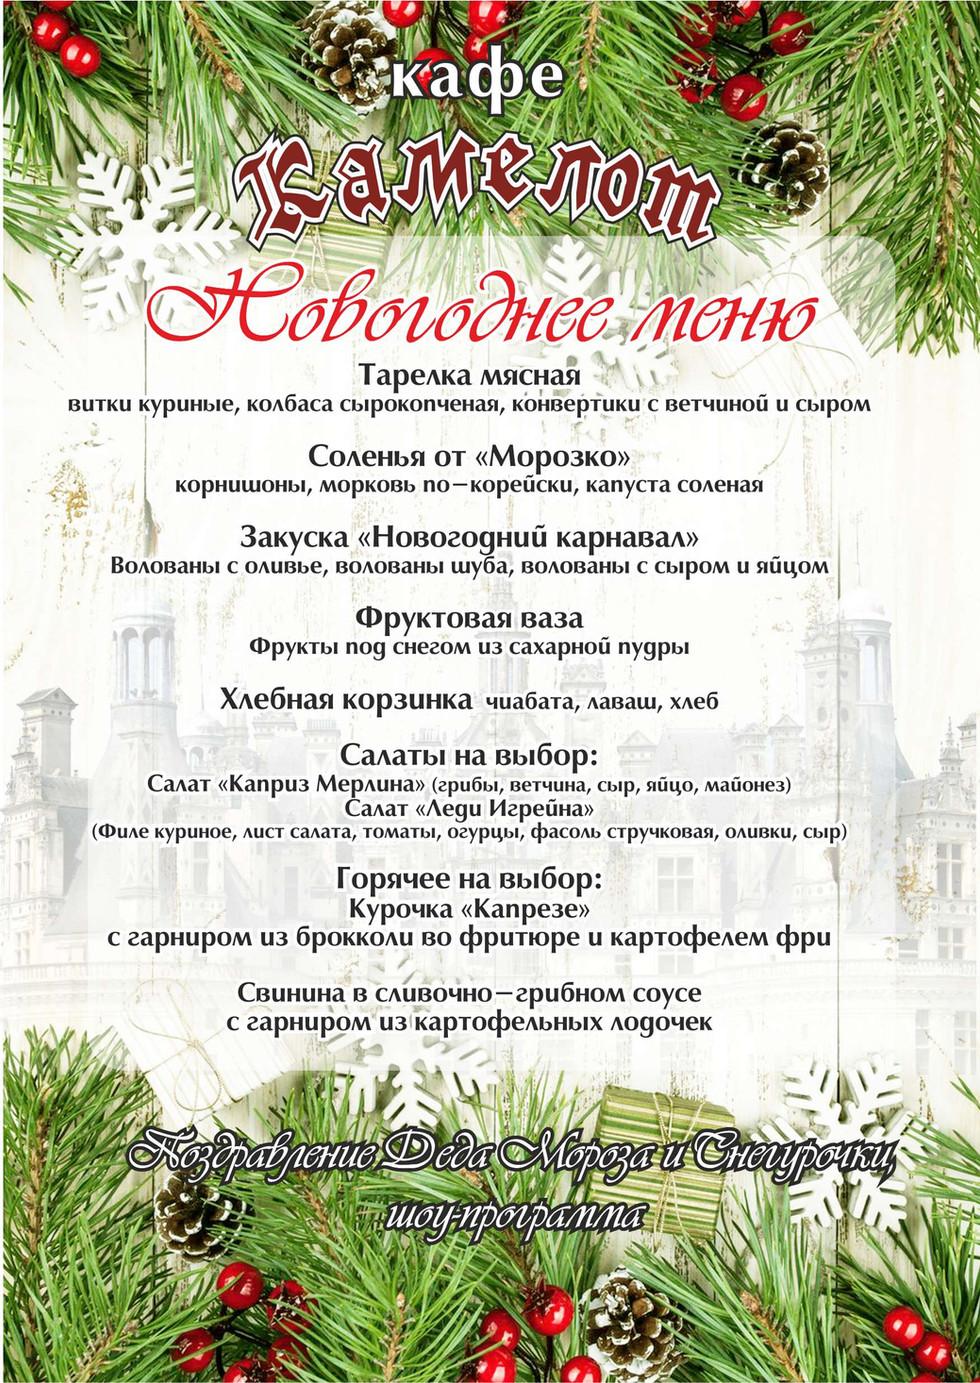 """Новогоднее меню от кафе """"Камелот""""!"""